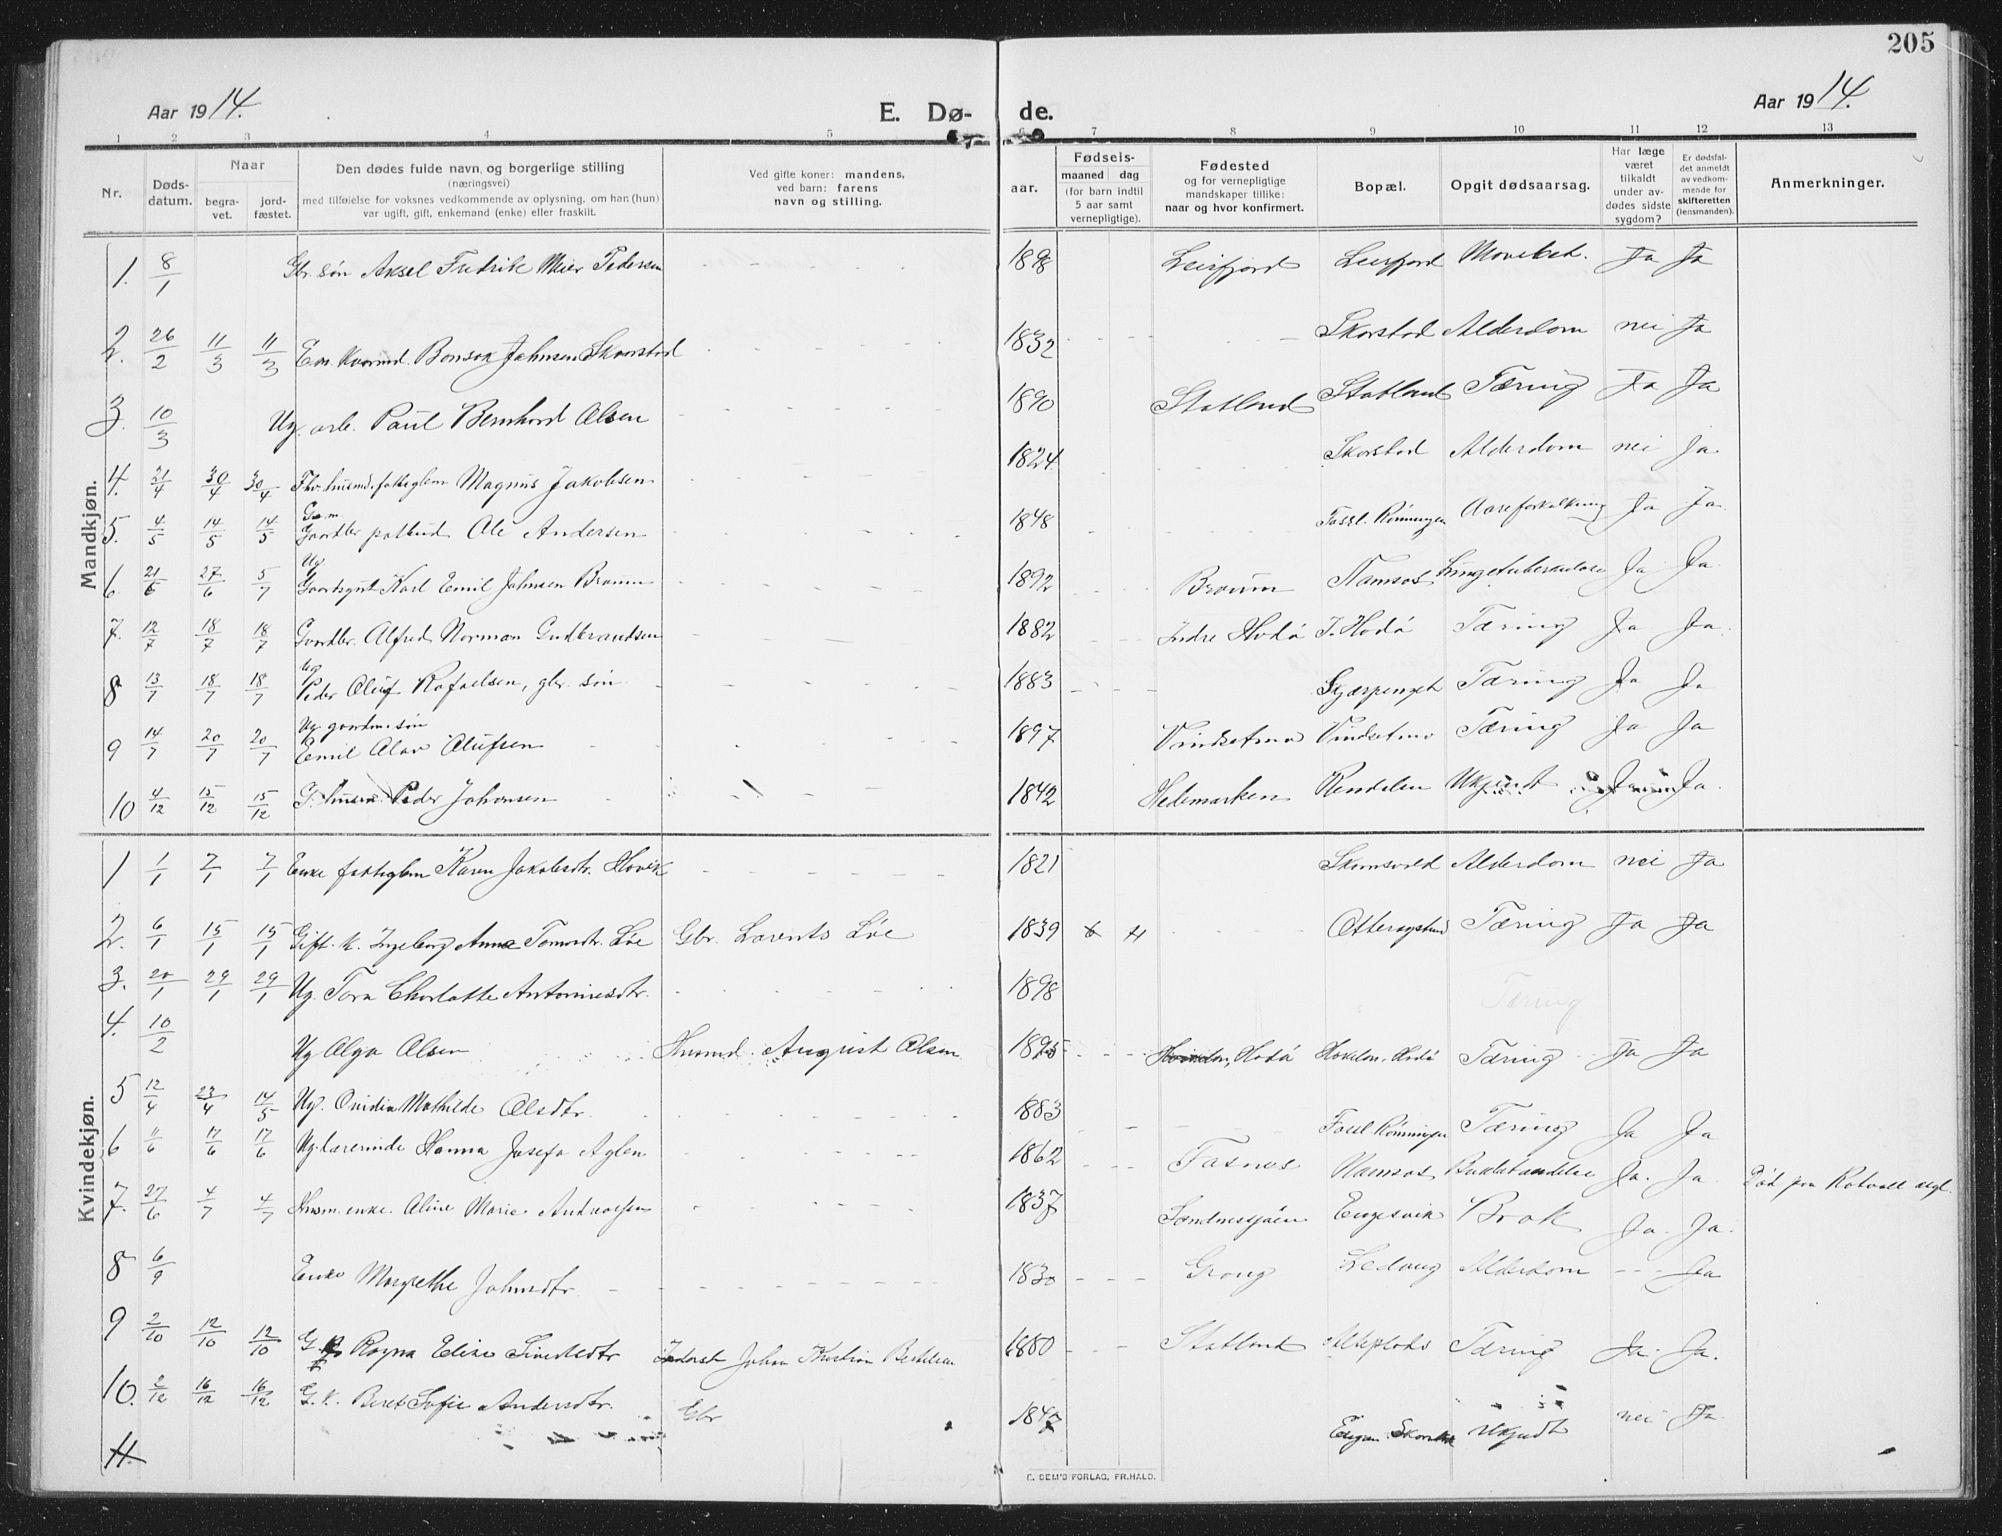 SAT, Ministerialprotokoller, klokkerbøker og fødselsregistre - Nord-Trøndelag, 774/L0630: Klokkerbok nr. 774C01, 1910-1934, s. 205